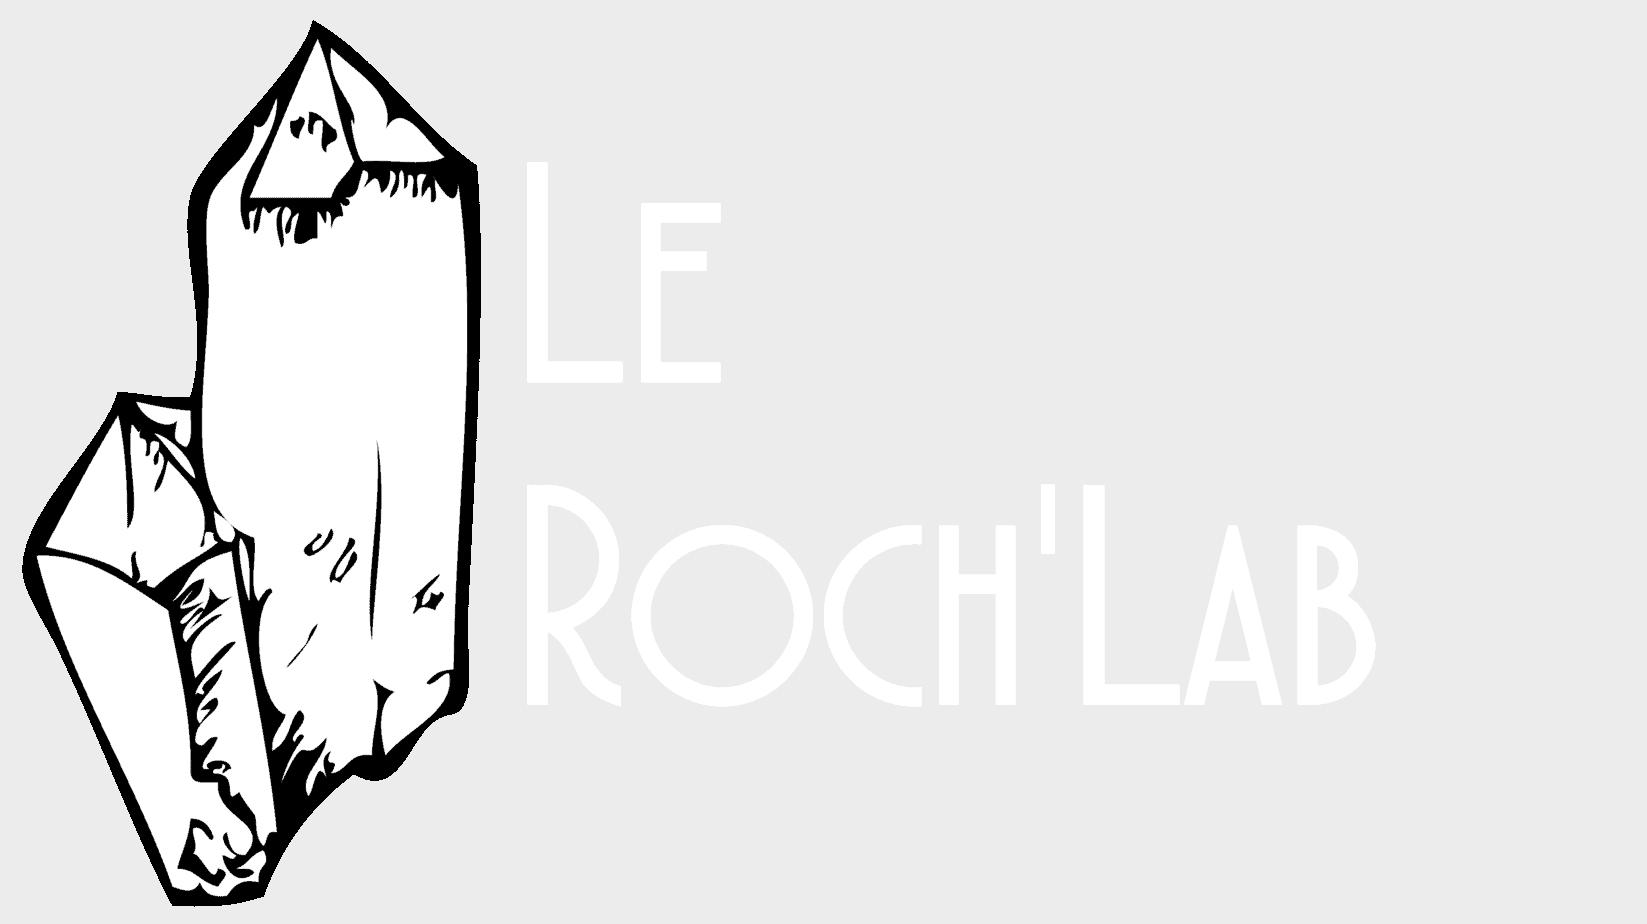 Le Roch'Lab